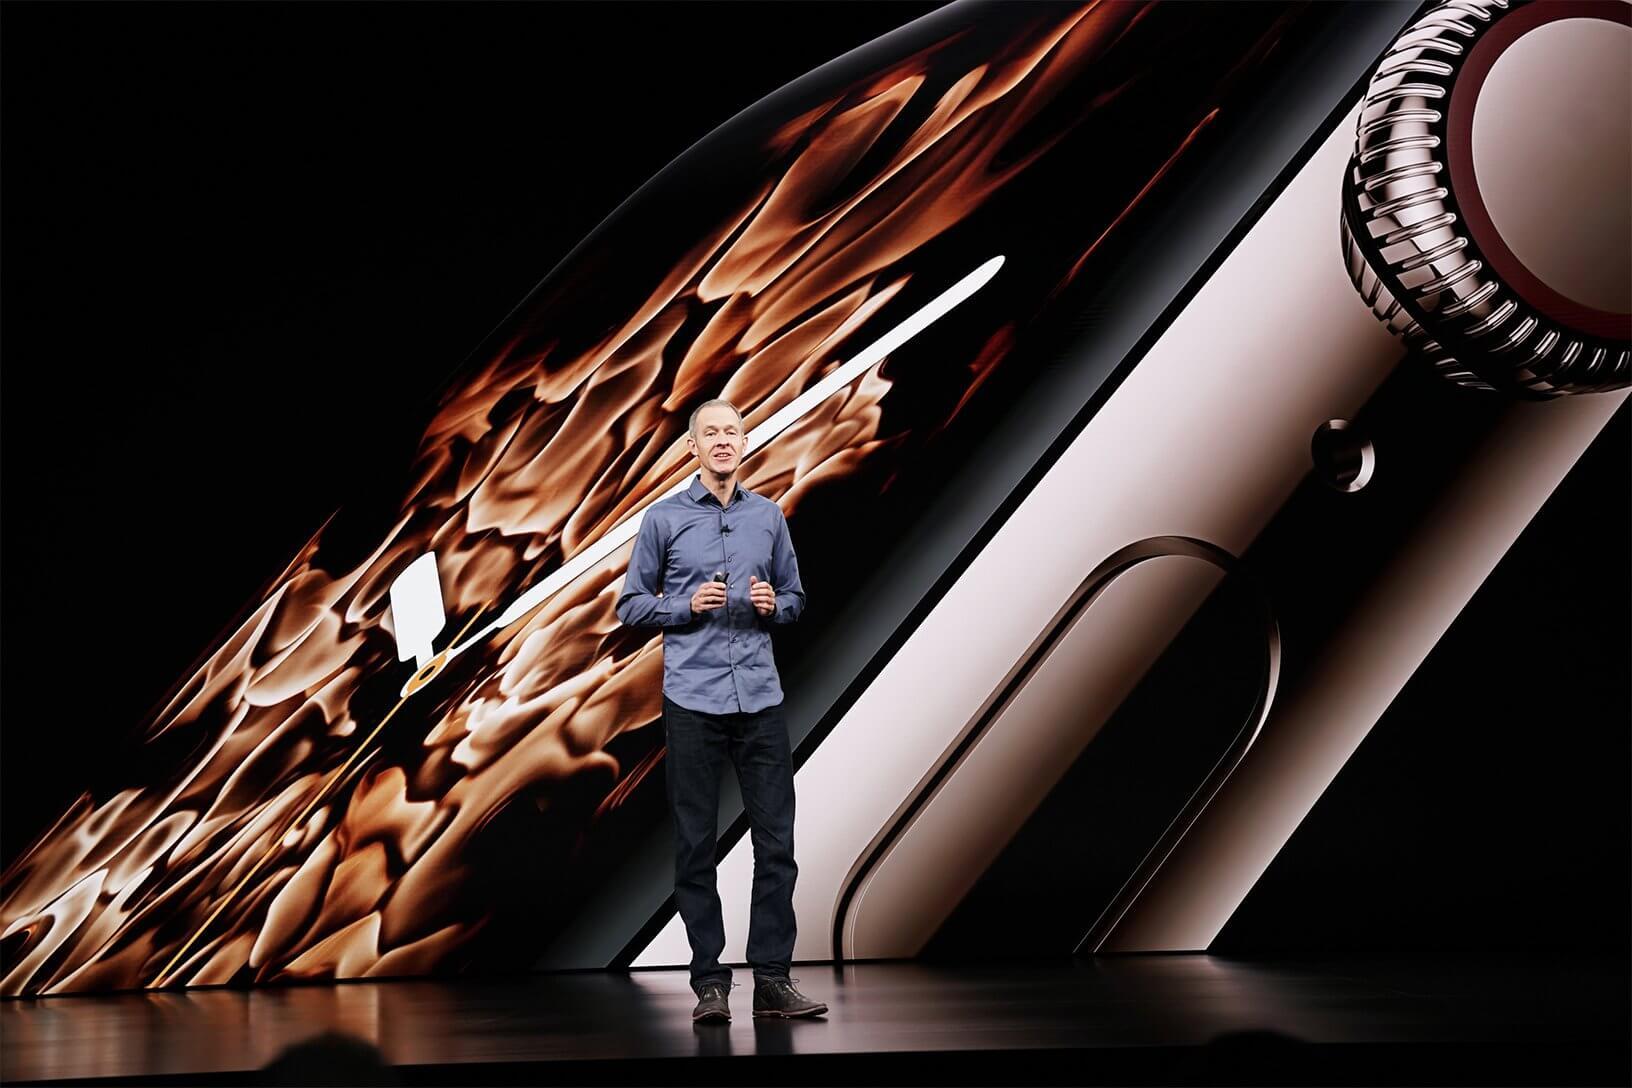 Apple Watch, AirPods und Beats: Apple wächst bei Wearables weiter kraftvoll